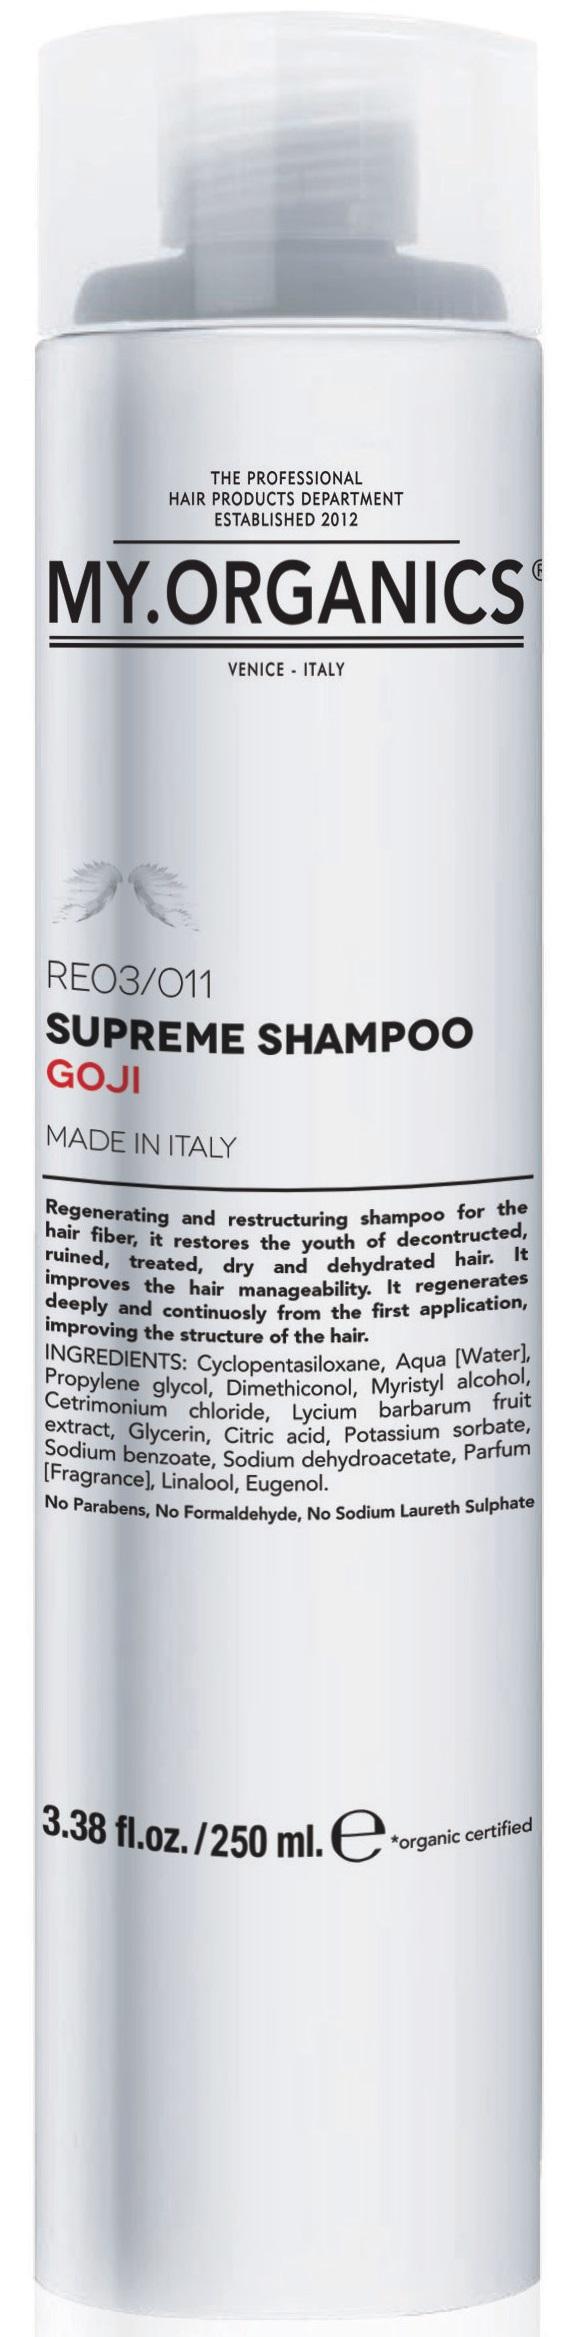 MY.ORGANICS Supreme Shampoo Goji 250ml